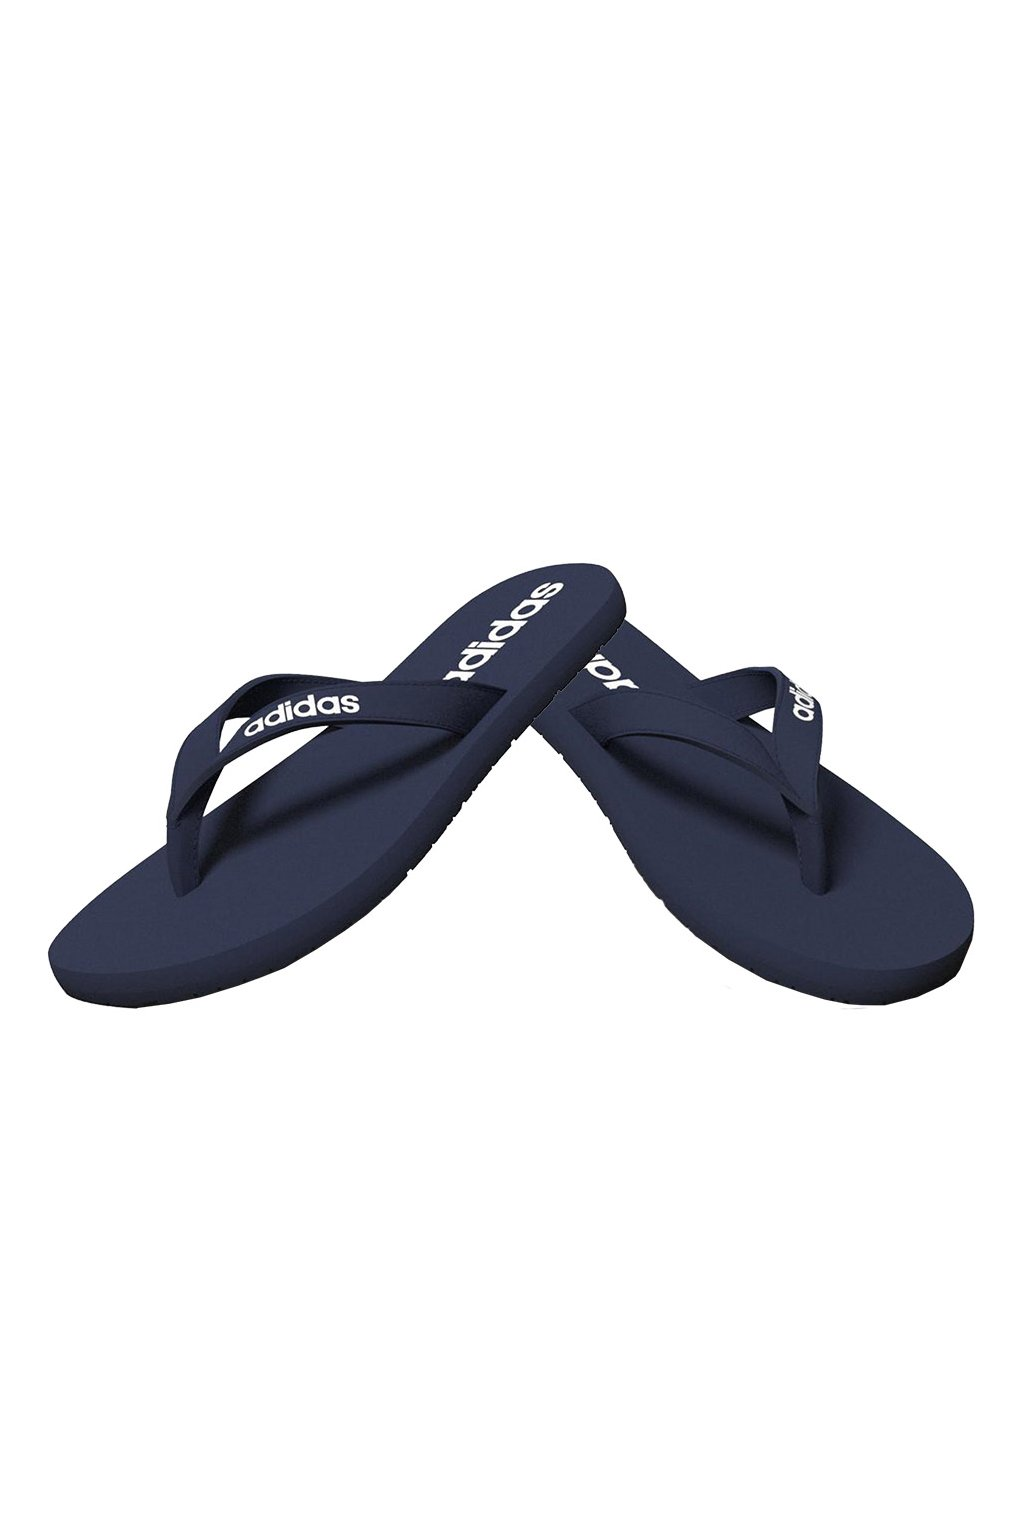 Šlapky Adidas Eezay Flip Flop námornícka modrá EG2041